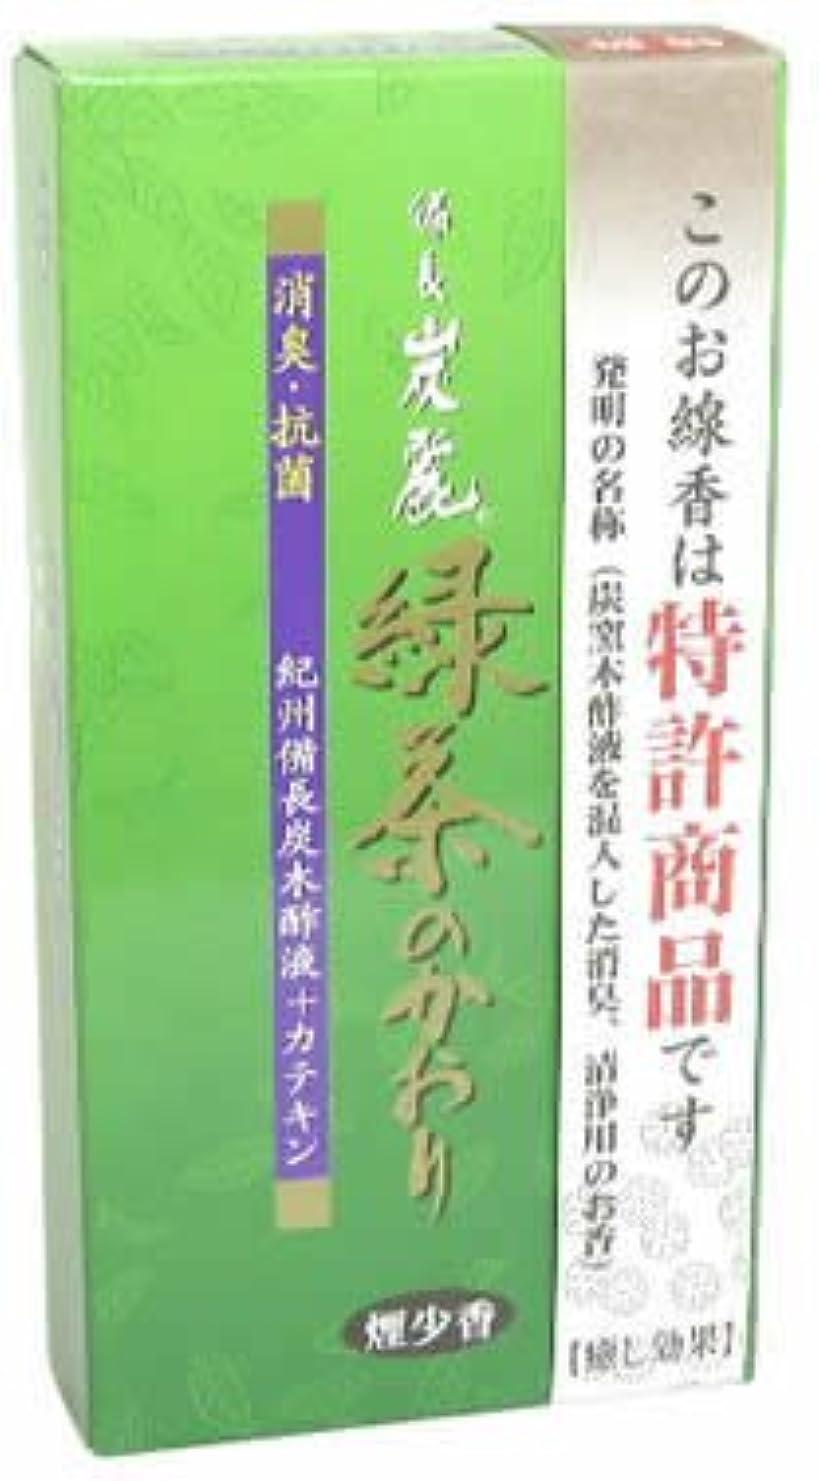 軍ライオネルグリーンストリートシェード備長炭麗 緑茶の香り